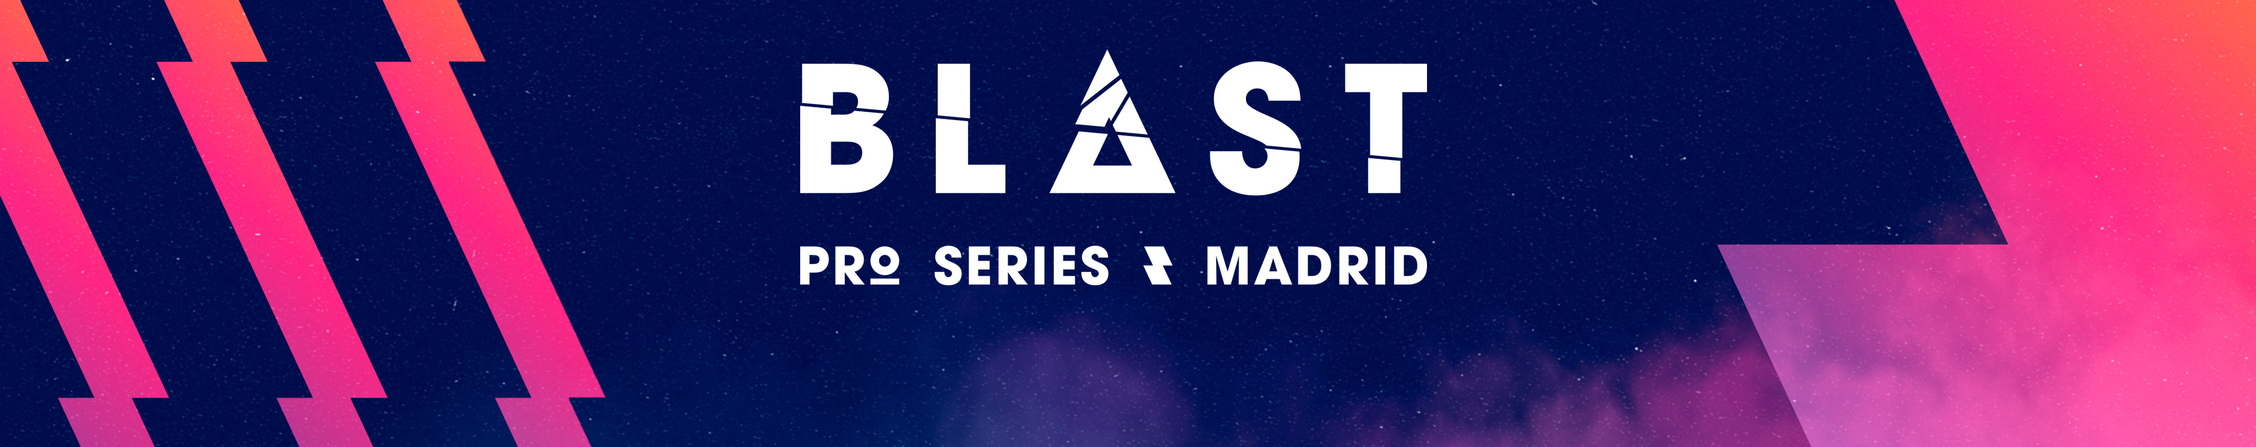 BLAST Pro Series: Madrid 2019